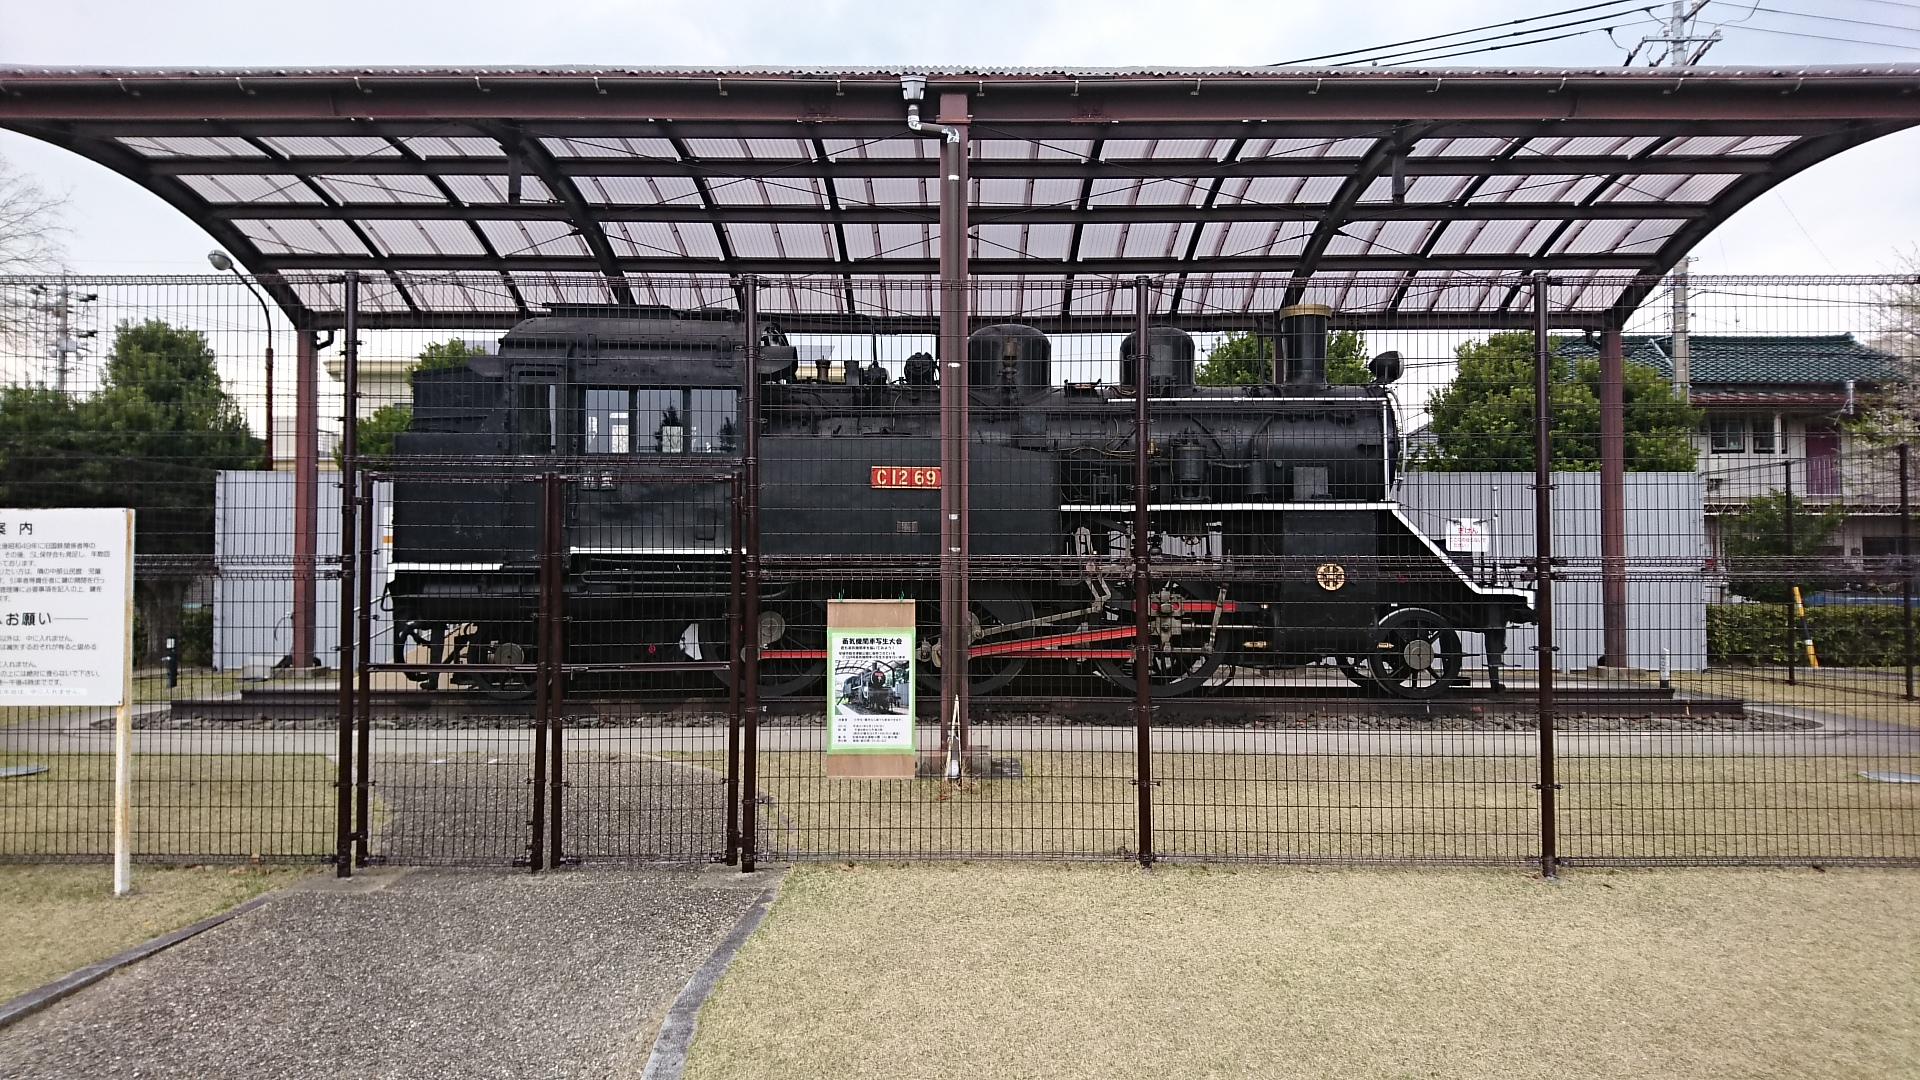 2019.3.28 (4) あんじょうし - 蒸気機関車C12-69(側面) 1920-1080